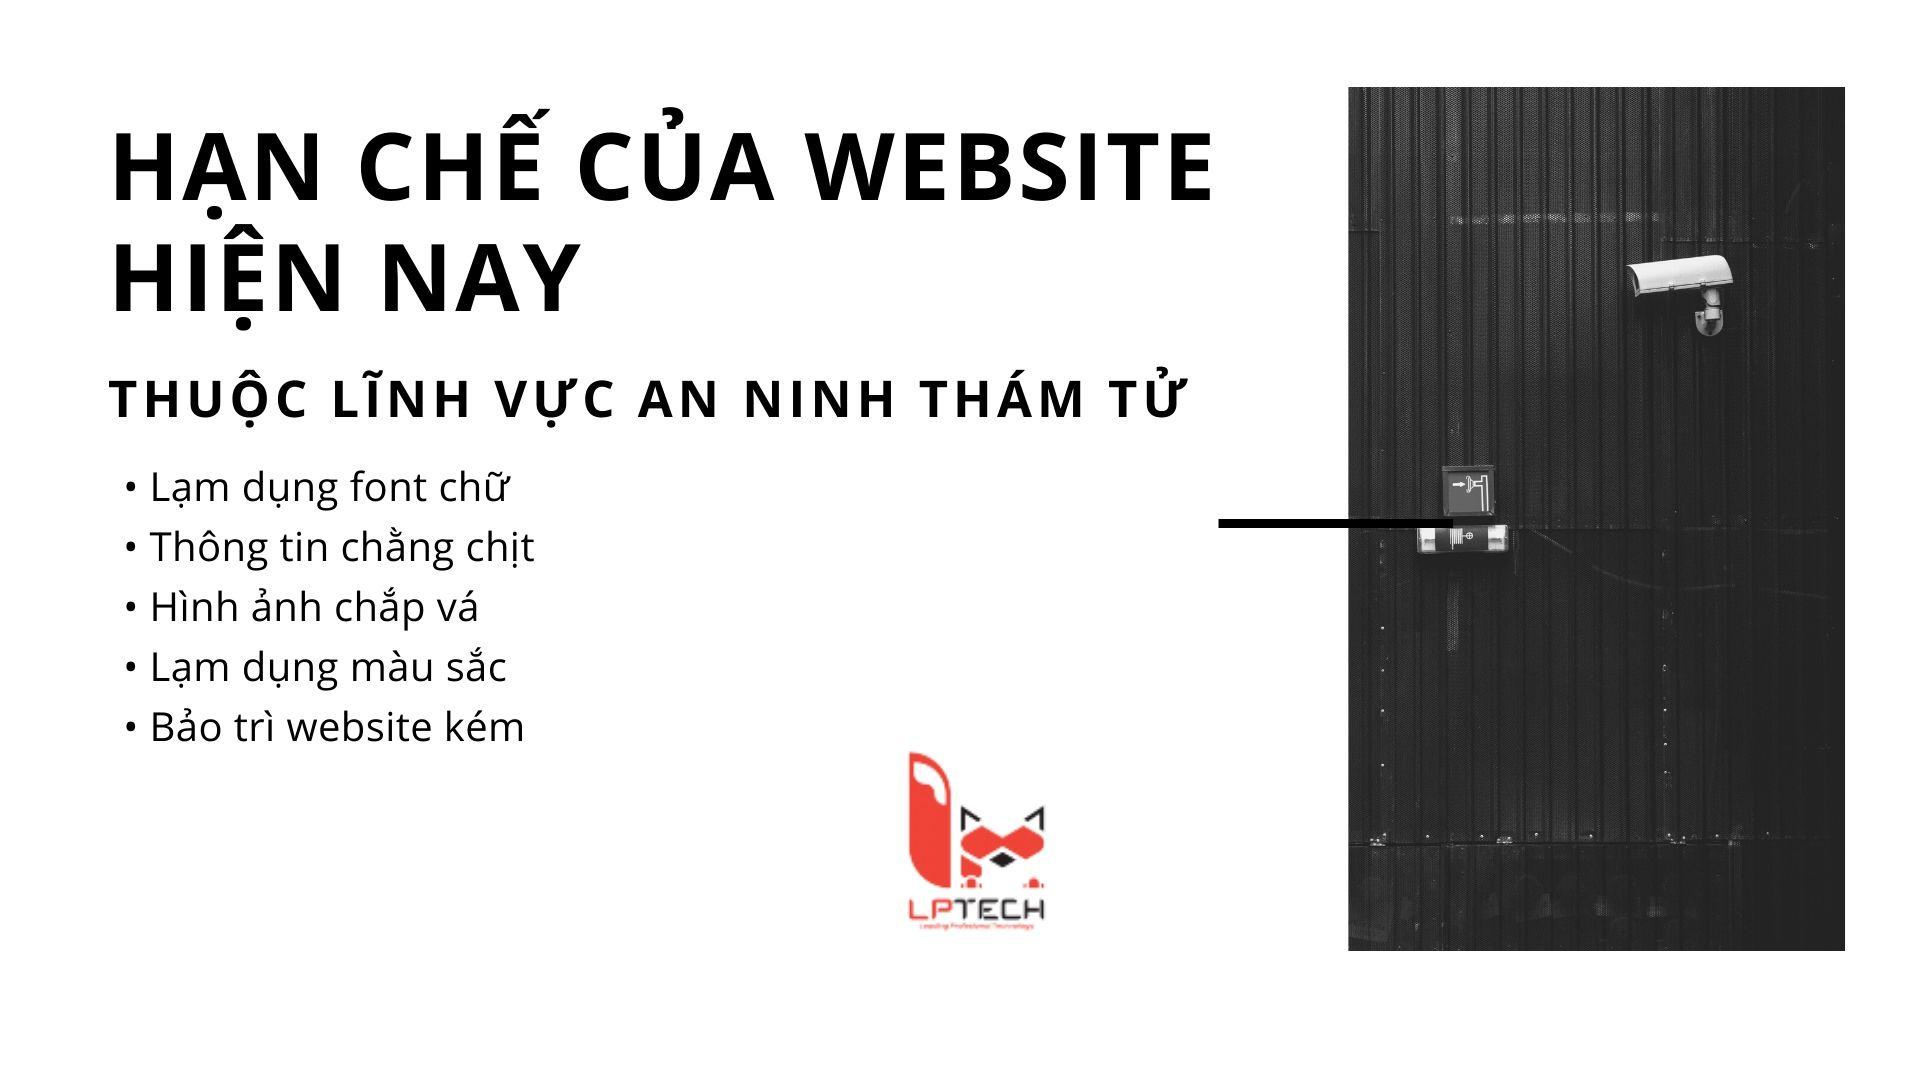 Hạn chế của những website dịch vụ bảo vệ thám tử hiện nay và giải pháp của LP Tech Asia